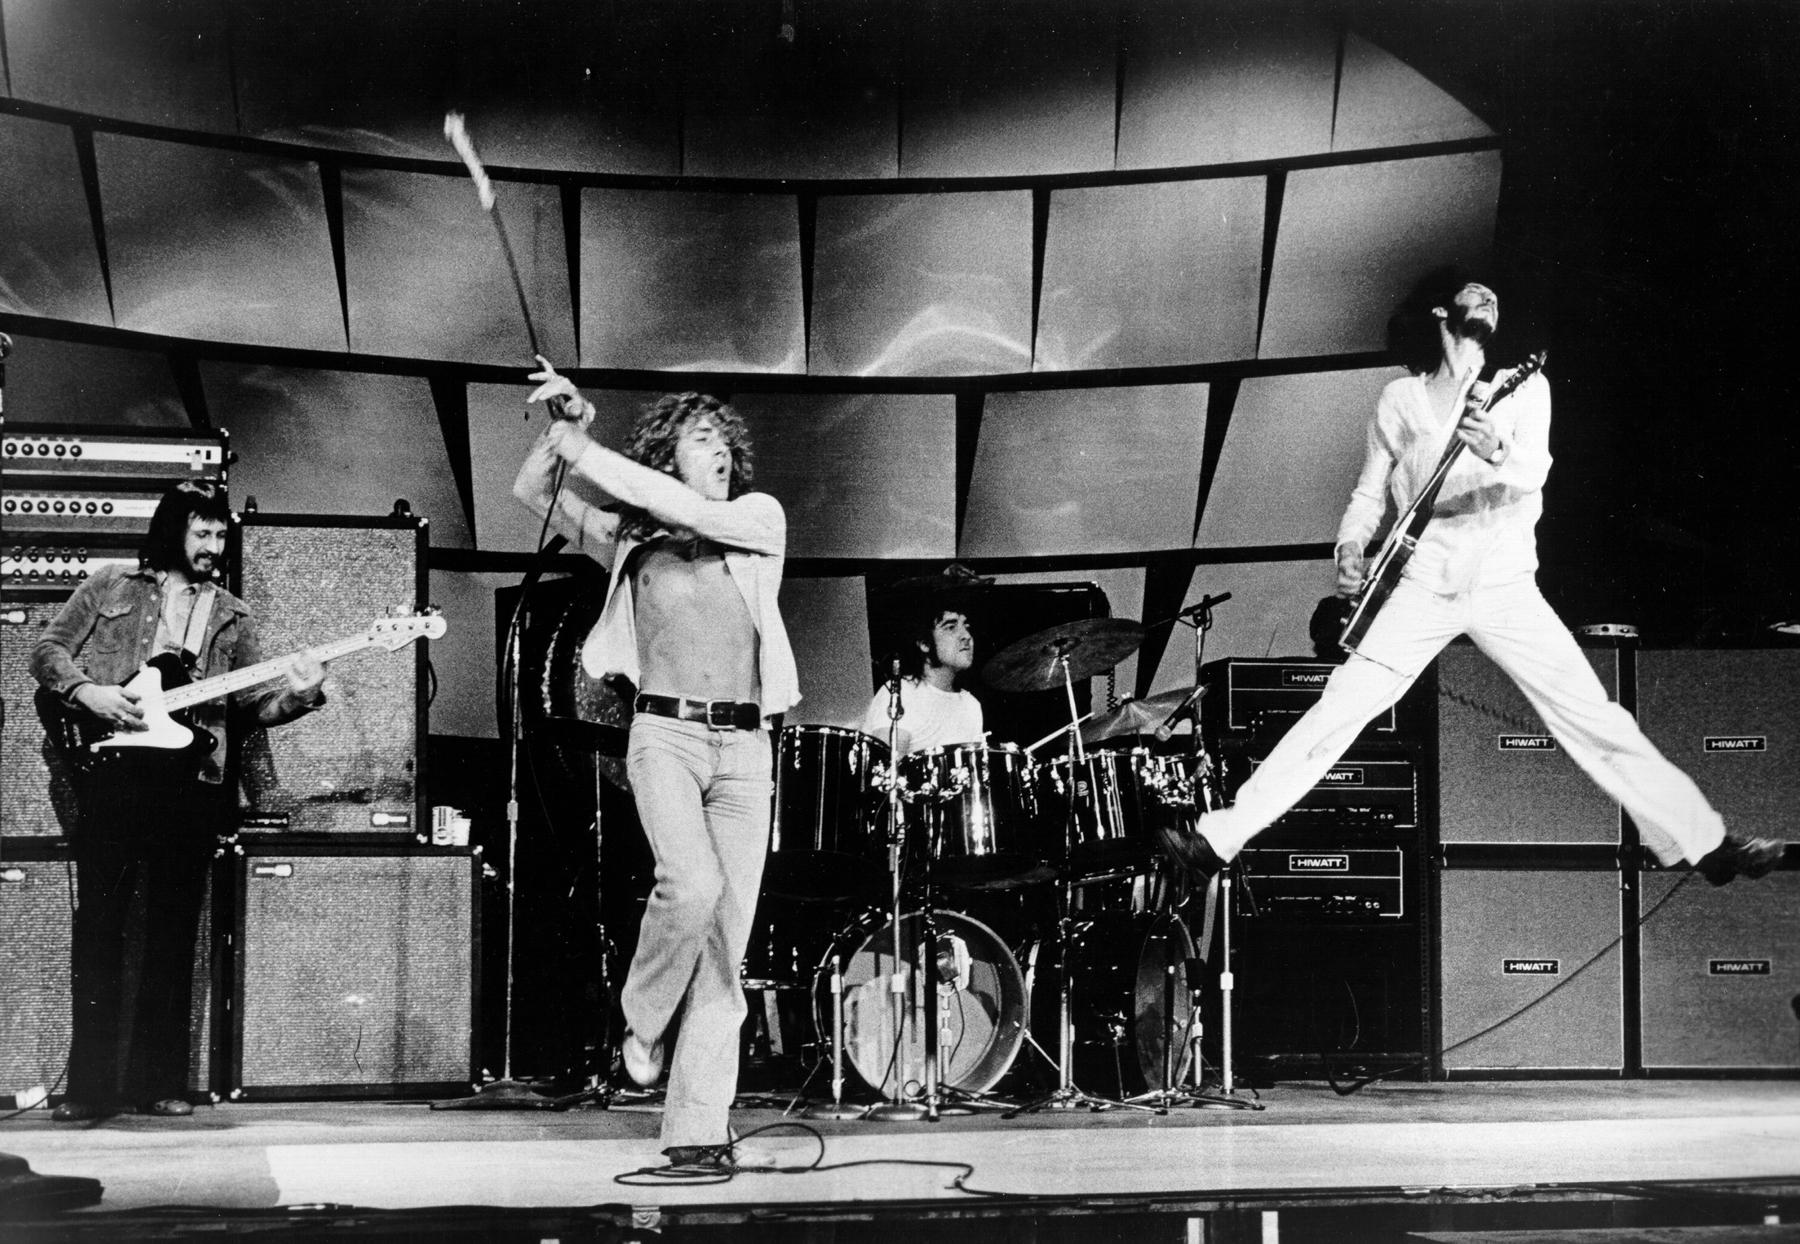 להקת The Who בסיבוב הופעות וירטואלי